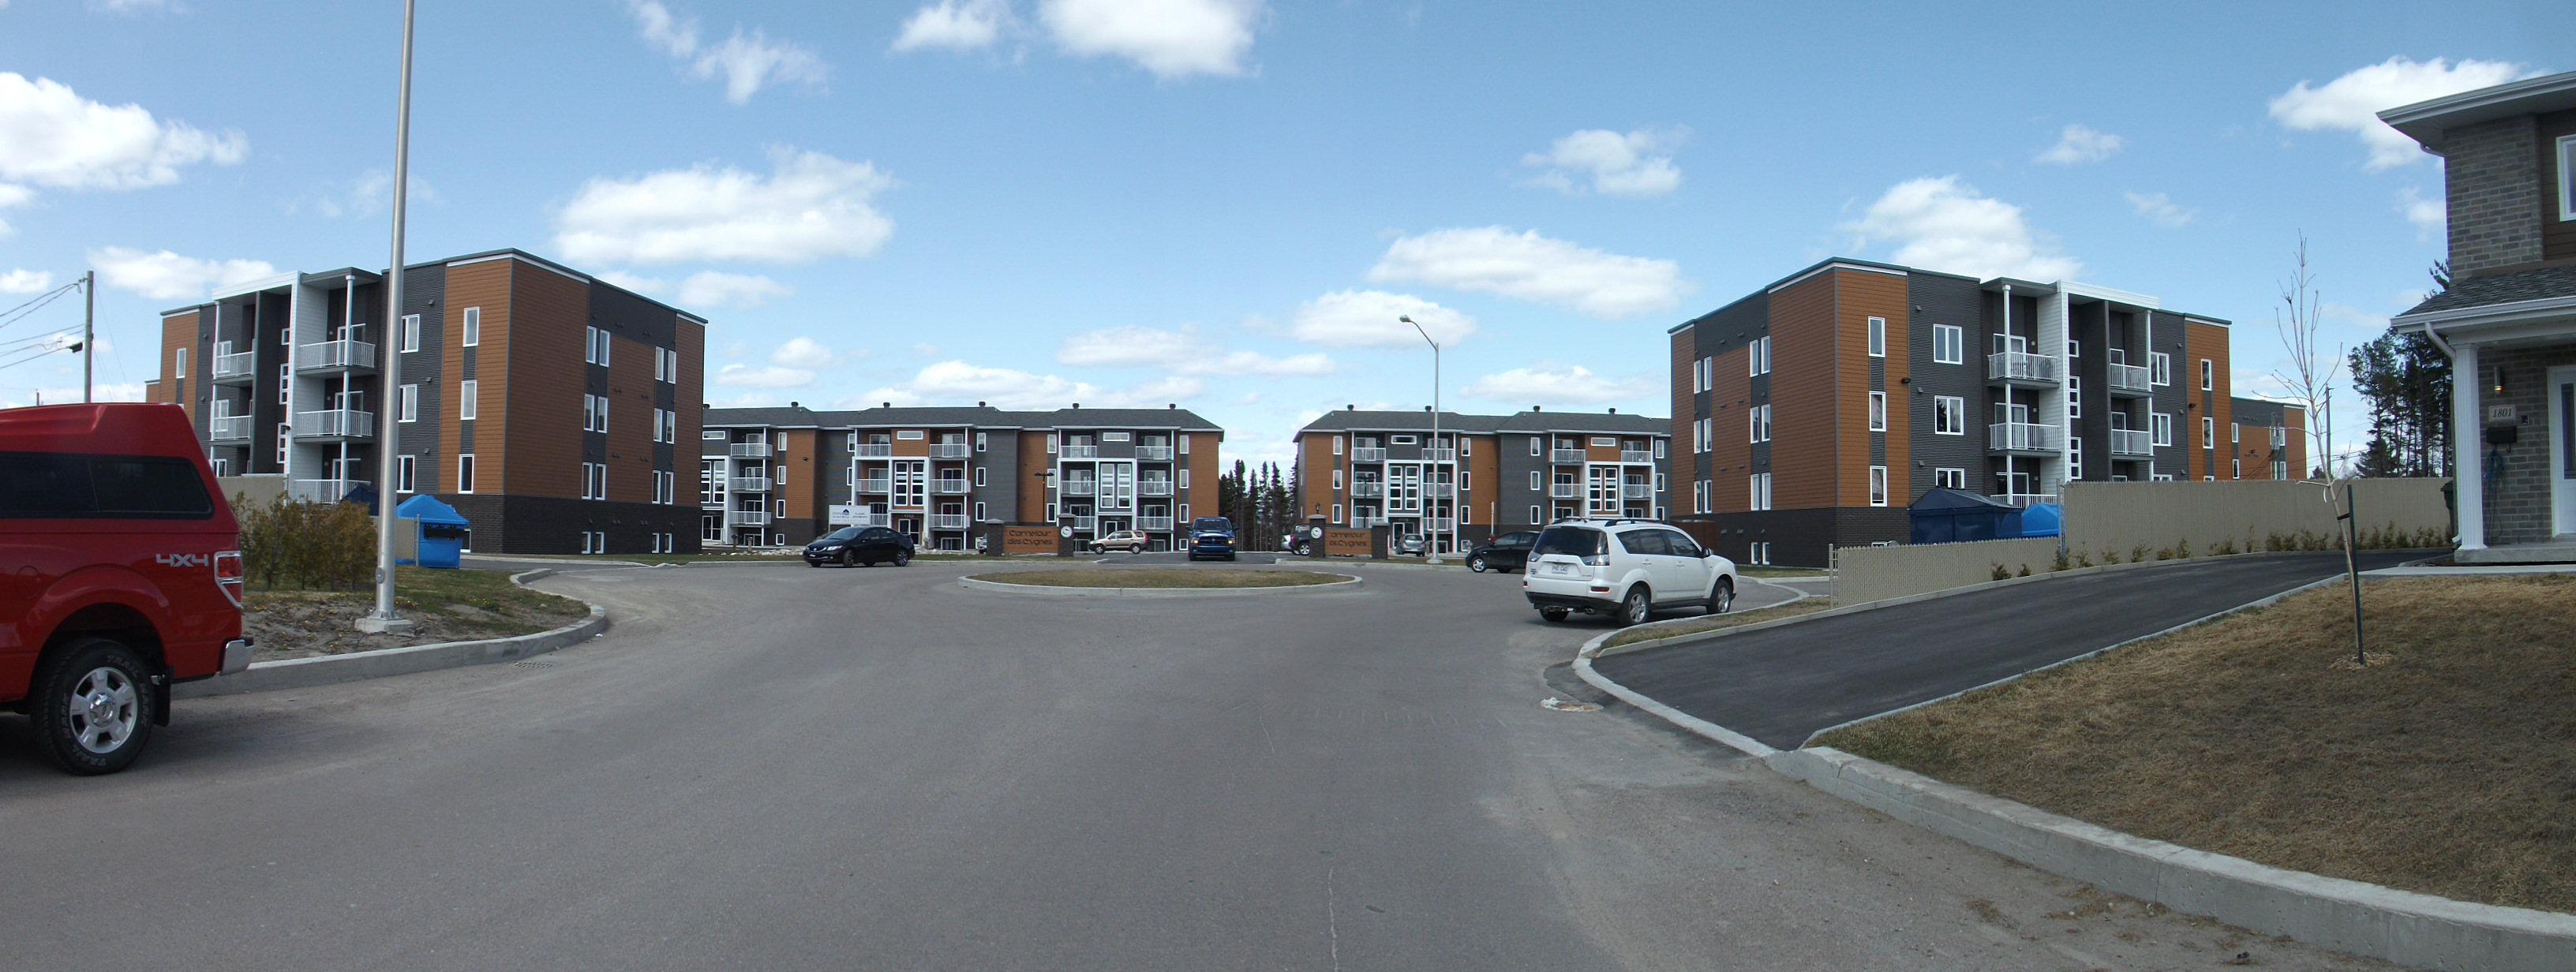 Logement louer carrefour des cygnes appartement for Louer des appartements